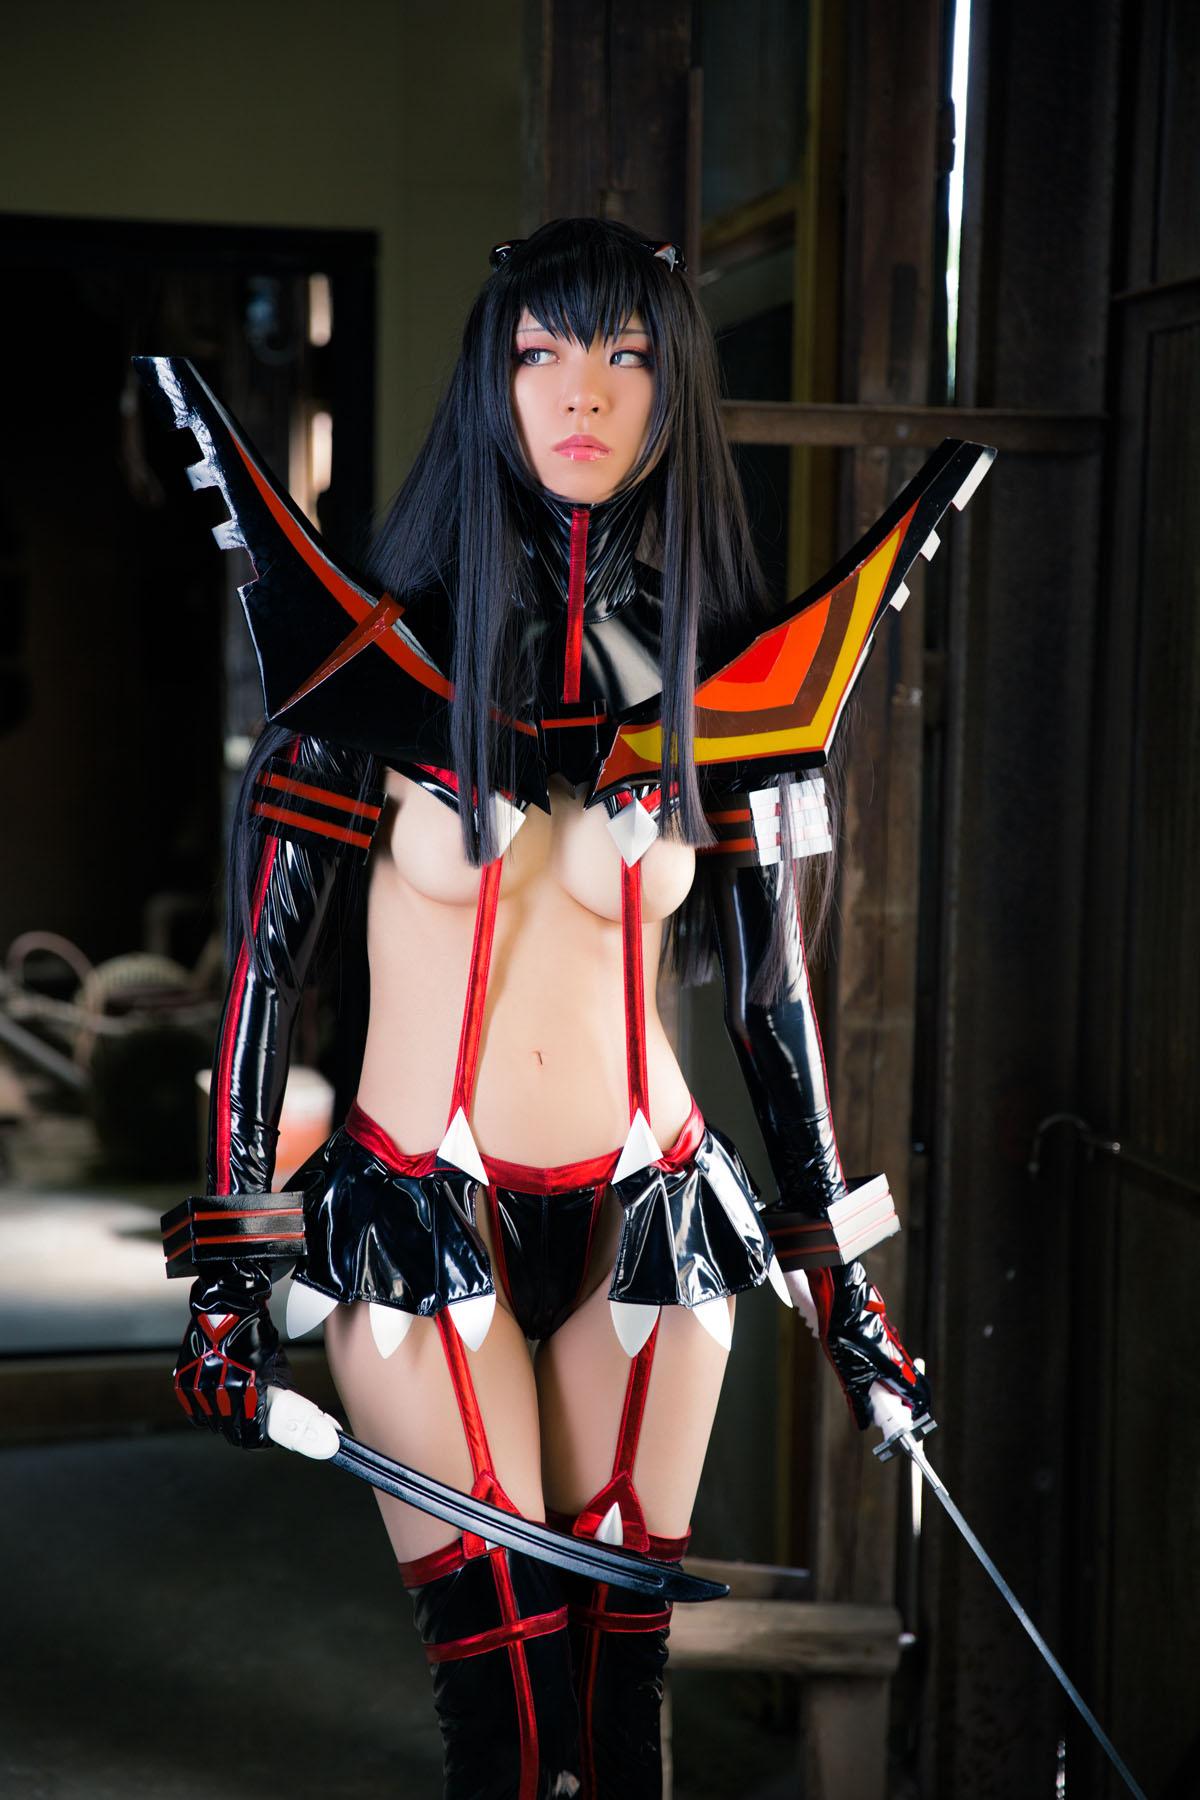 Kill la Kill Satsuki Kiryuuin anime cosplay by Mikehouse 0005